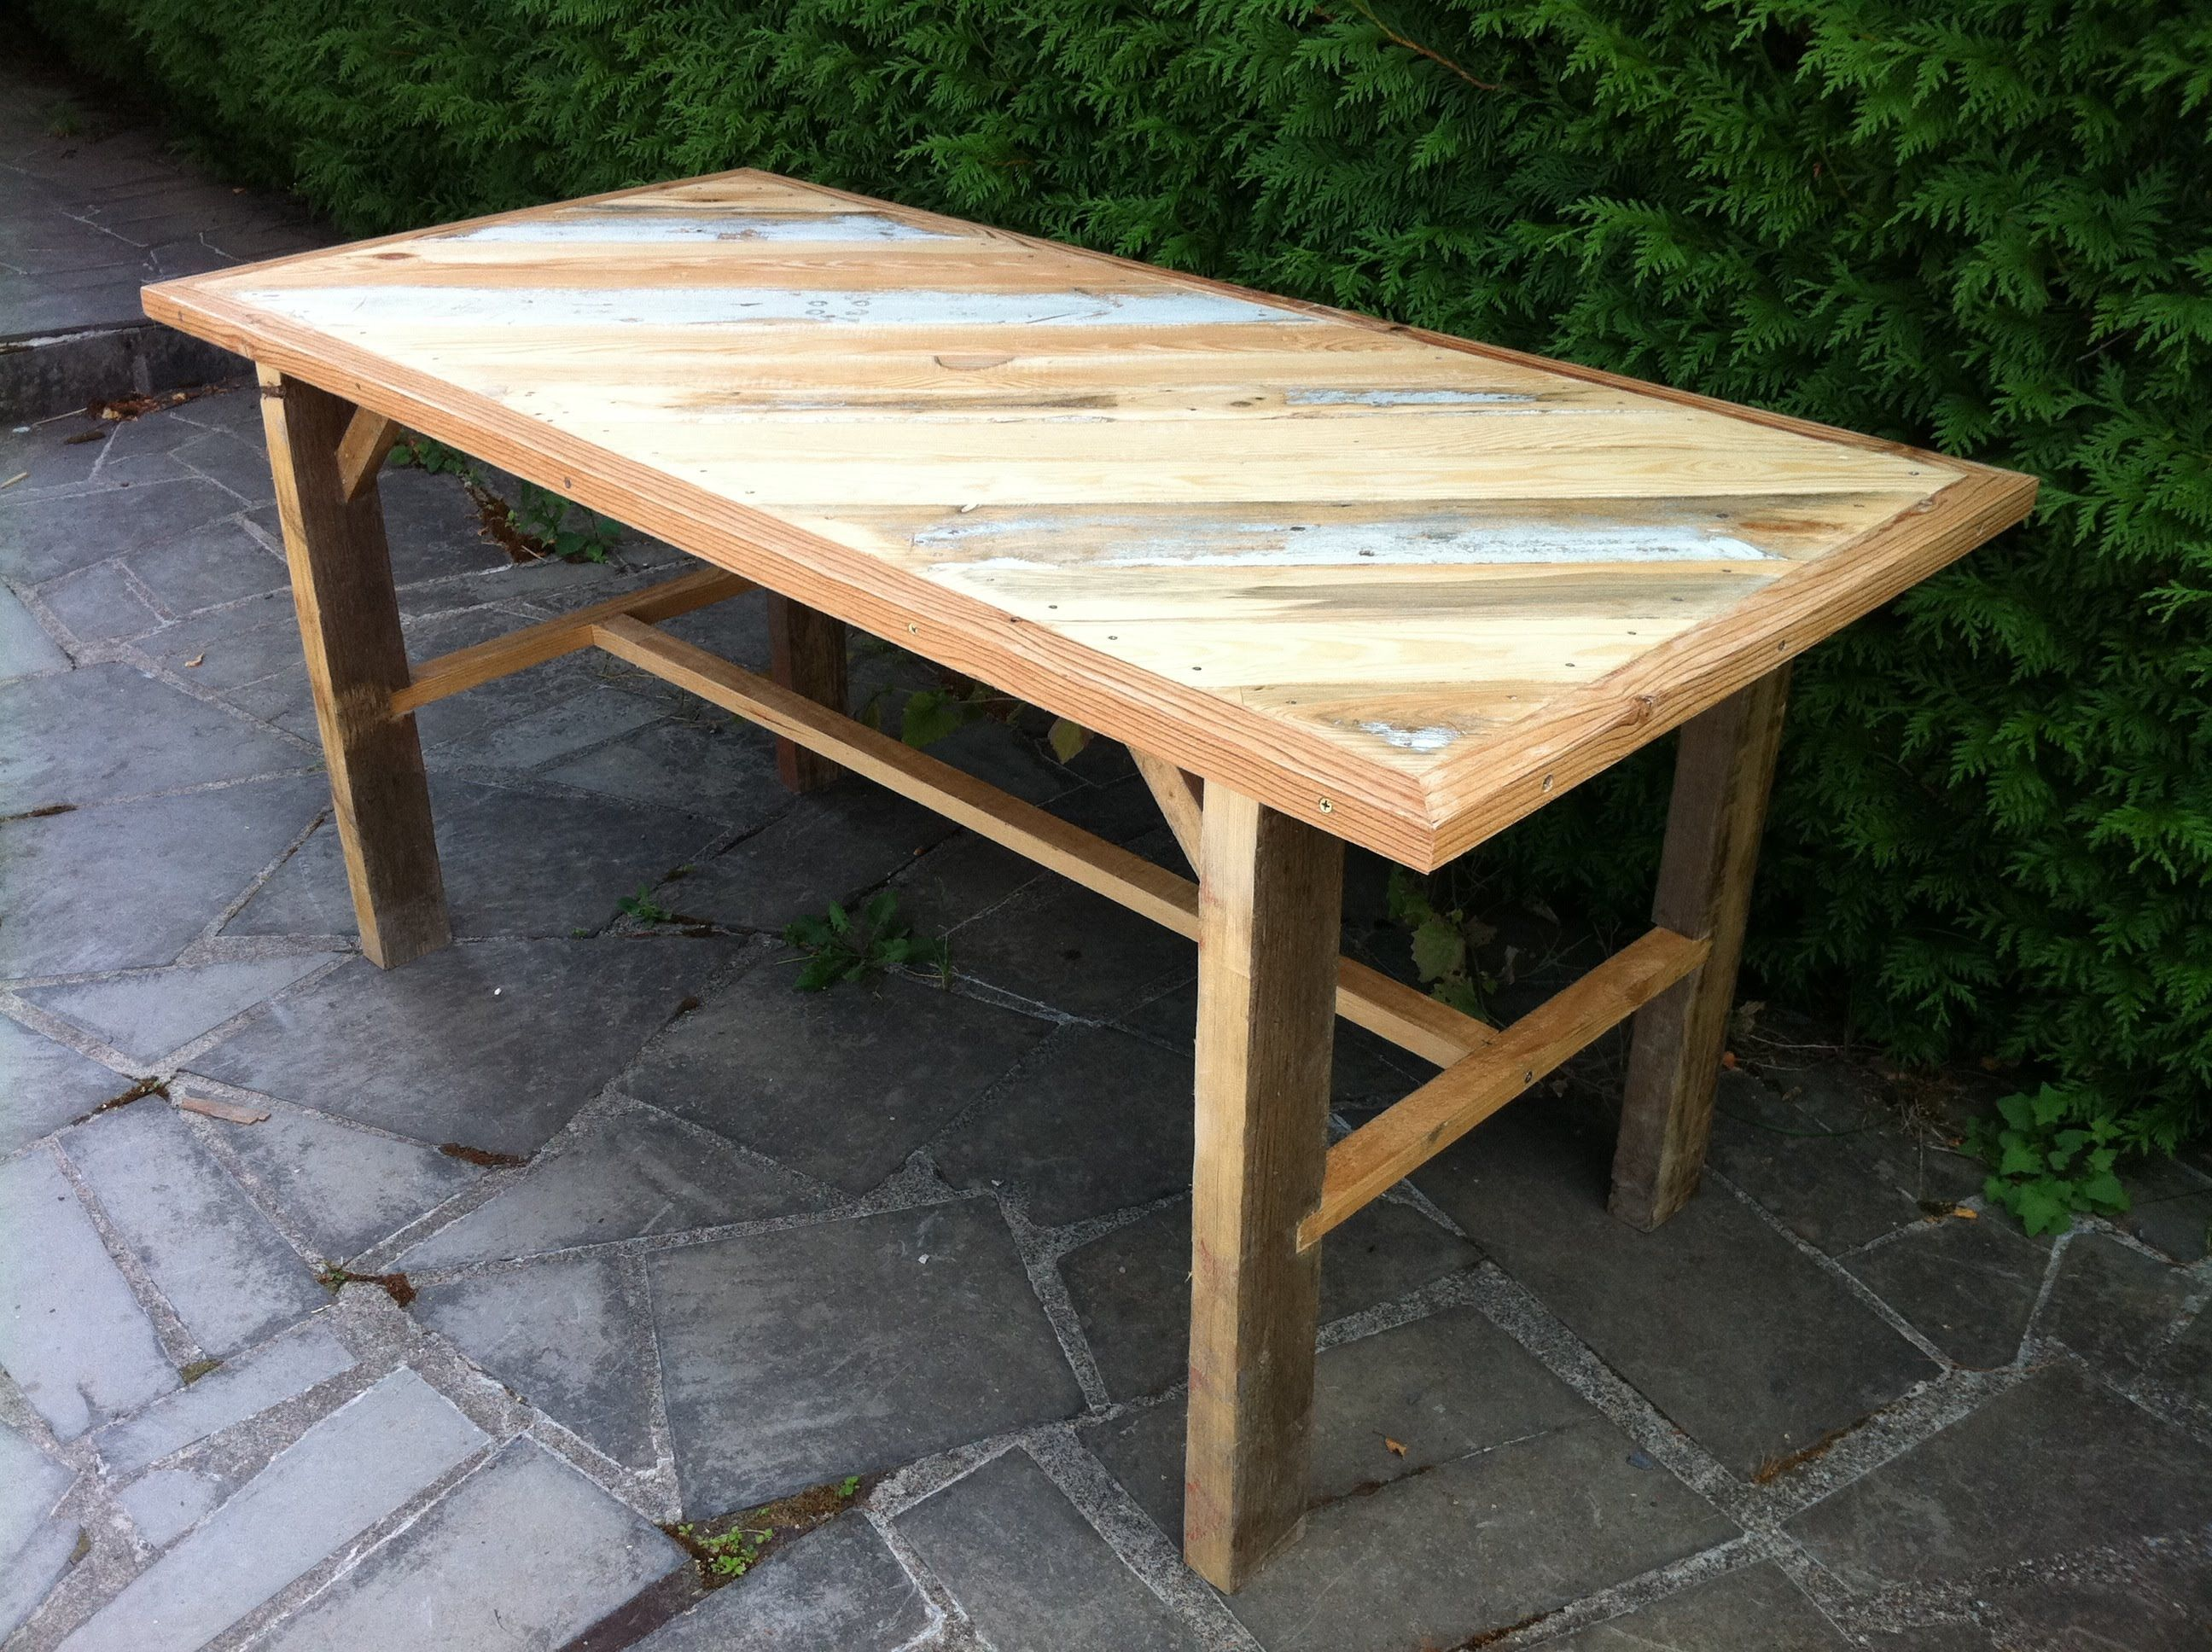 fabrication d 39 une table solide avec du bois de. Black Bedroom Furniture Sets. Home Design Ideas